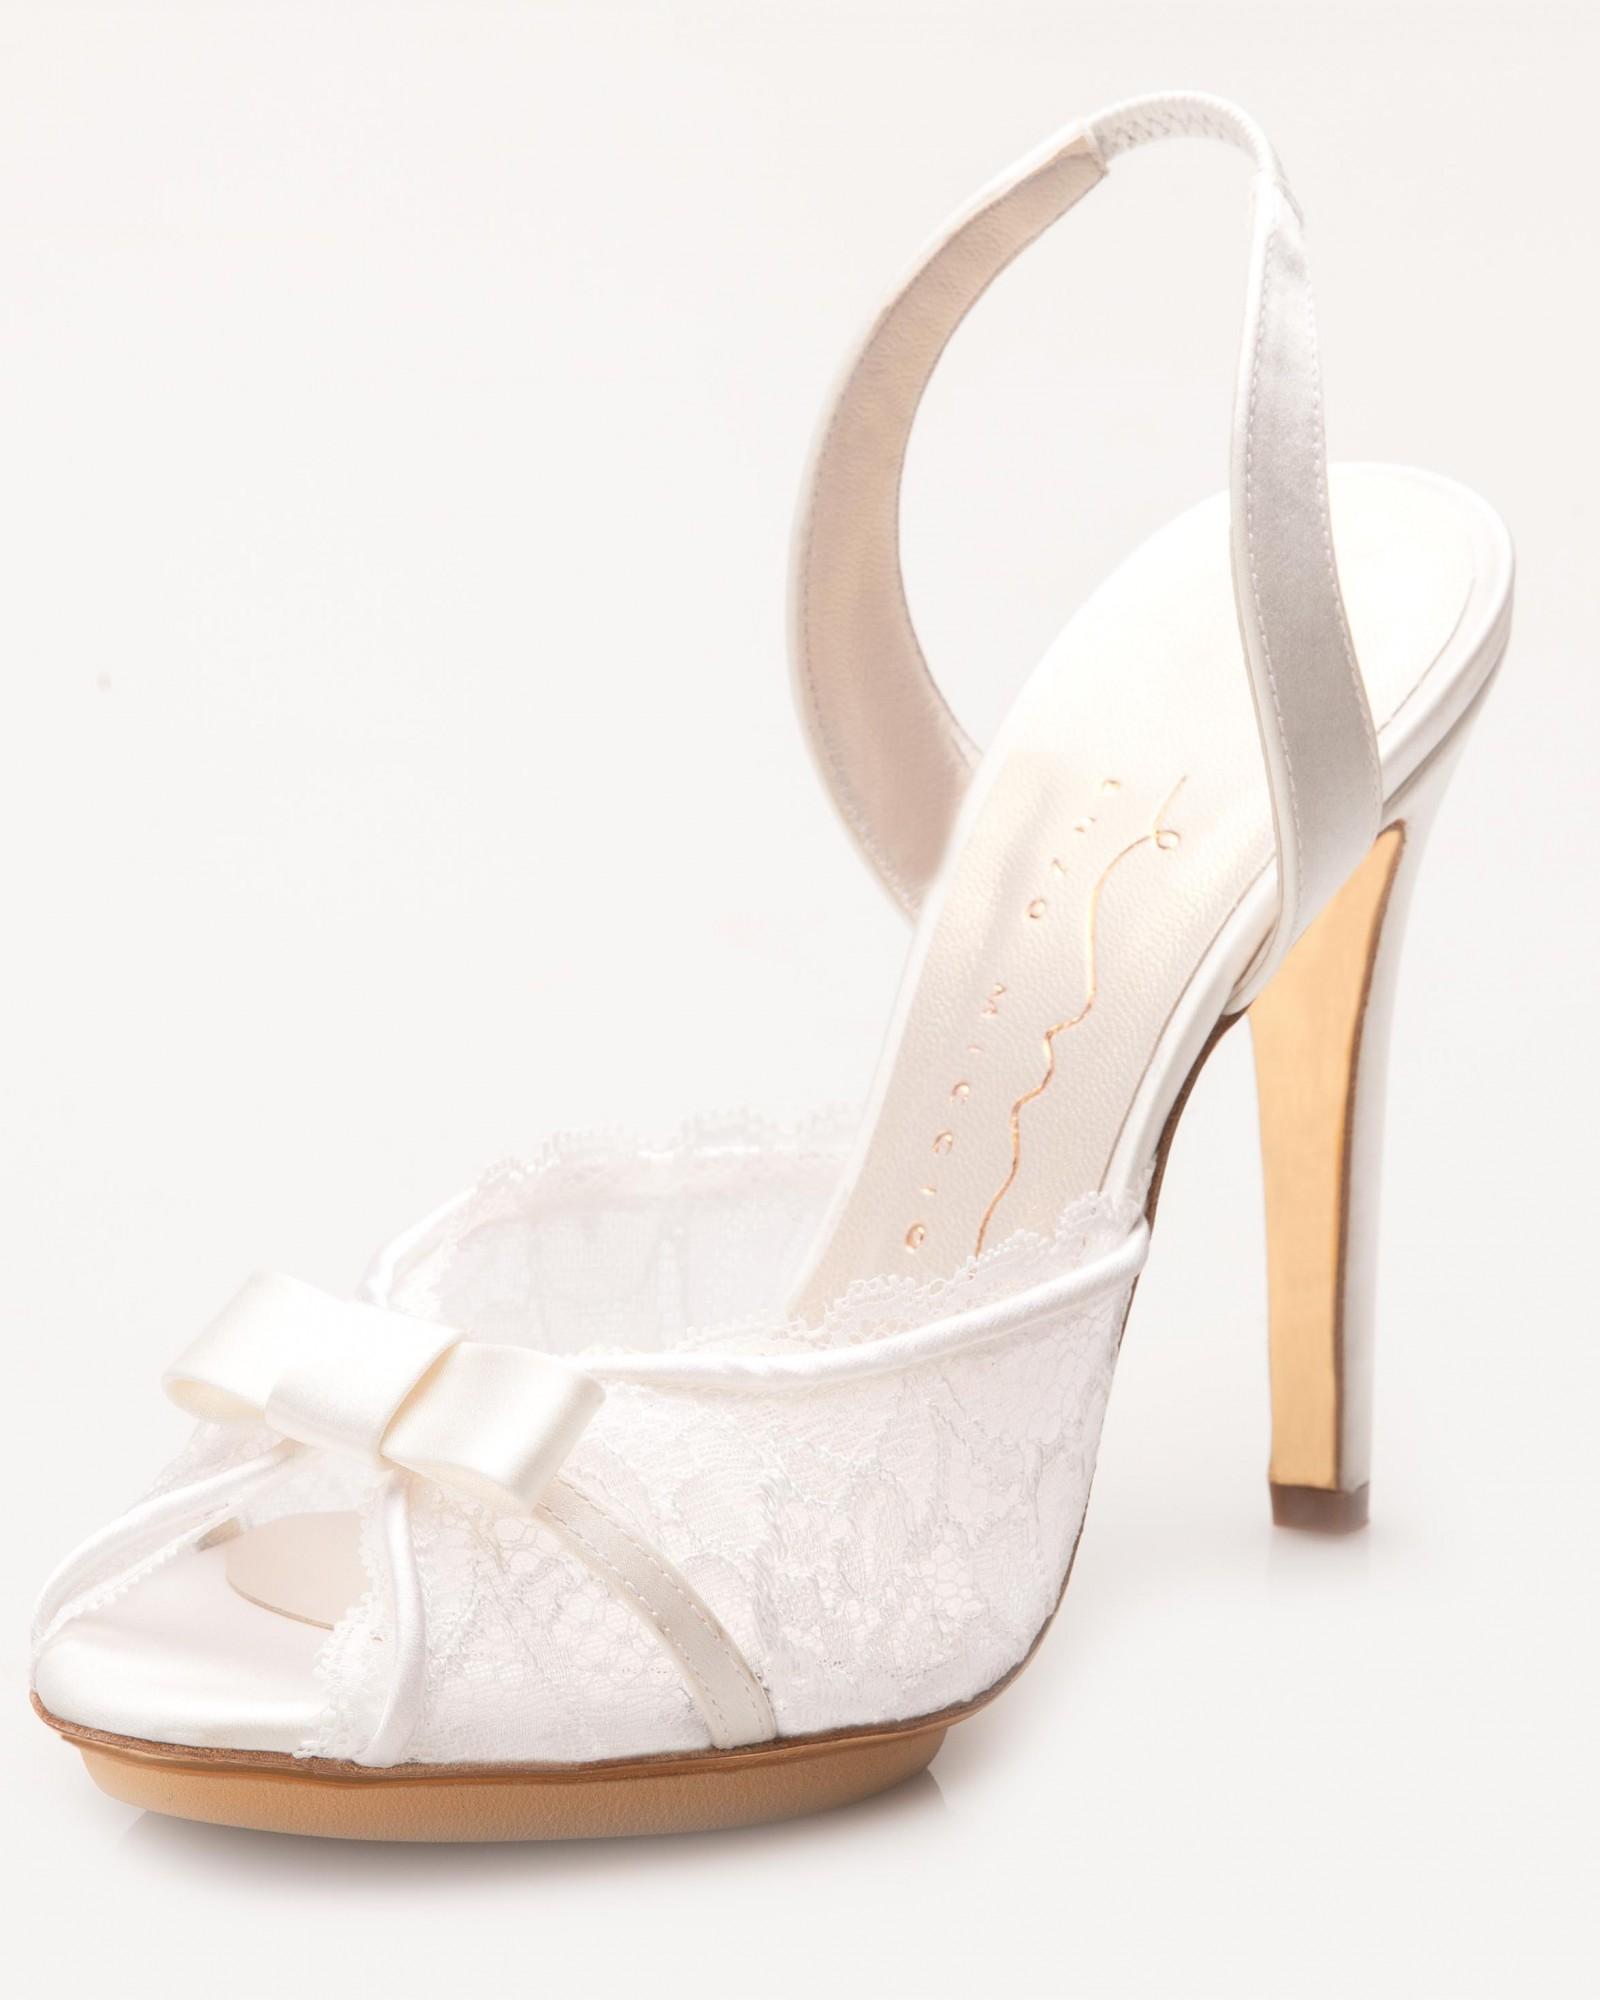 acquista lusso acquisto autentico marchio popolare Enzo Miccio Bridal Shoes Scarpe | Milenka Puntel